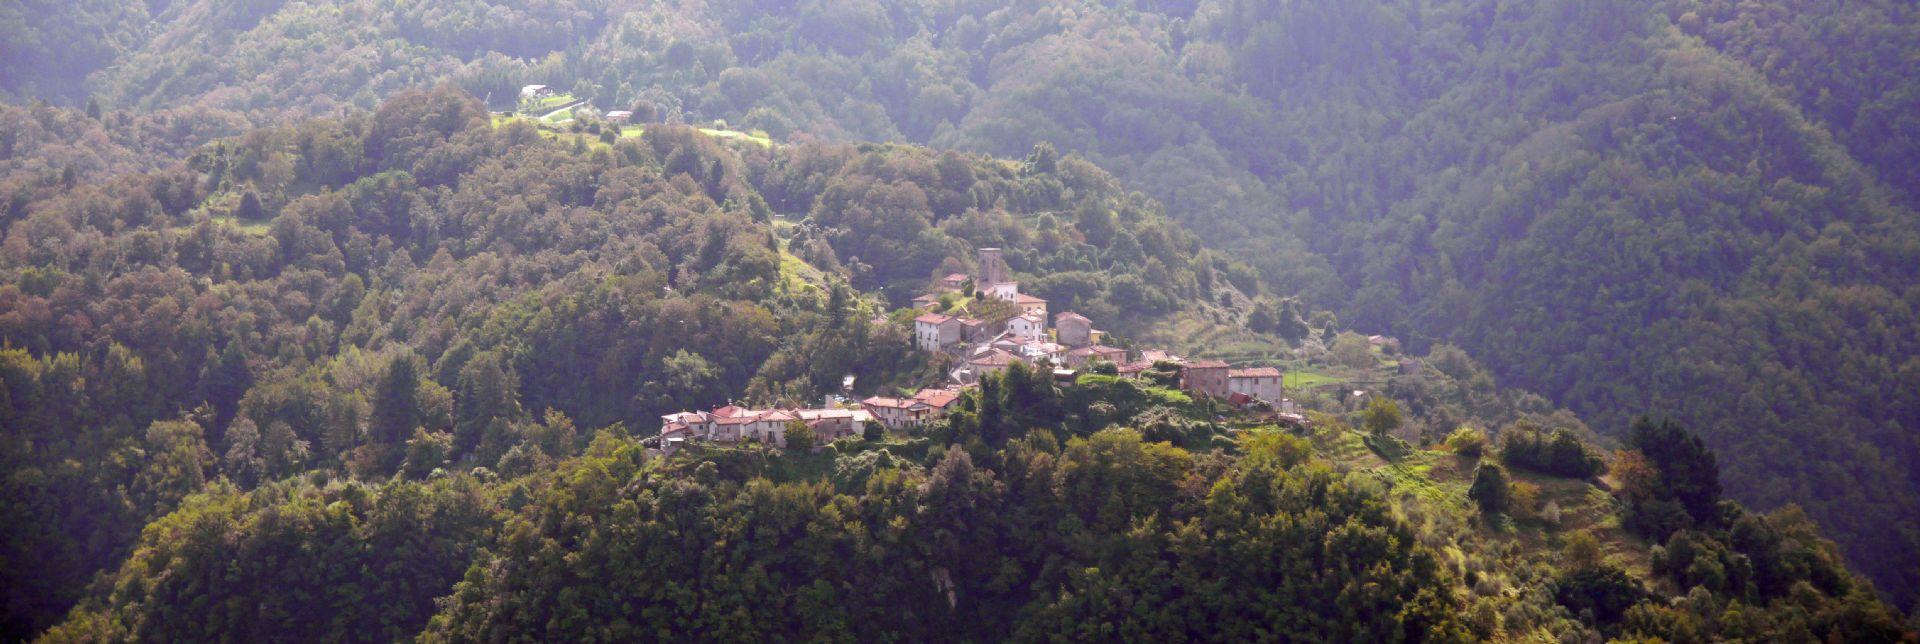 Mountain village.jpg - Italy - Garfagnana - The Mountains of Tuscany - Italia Road Cycling